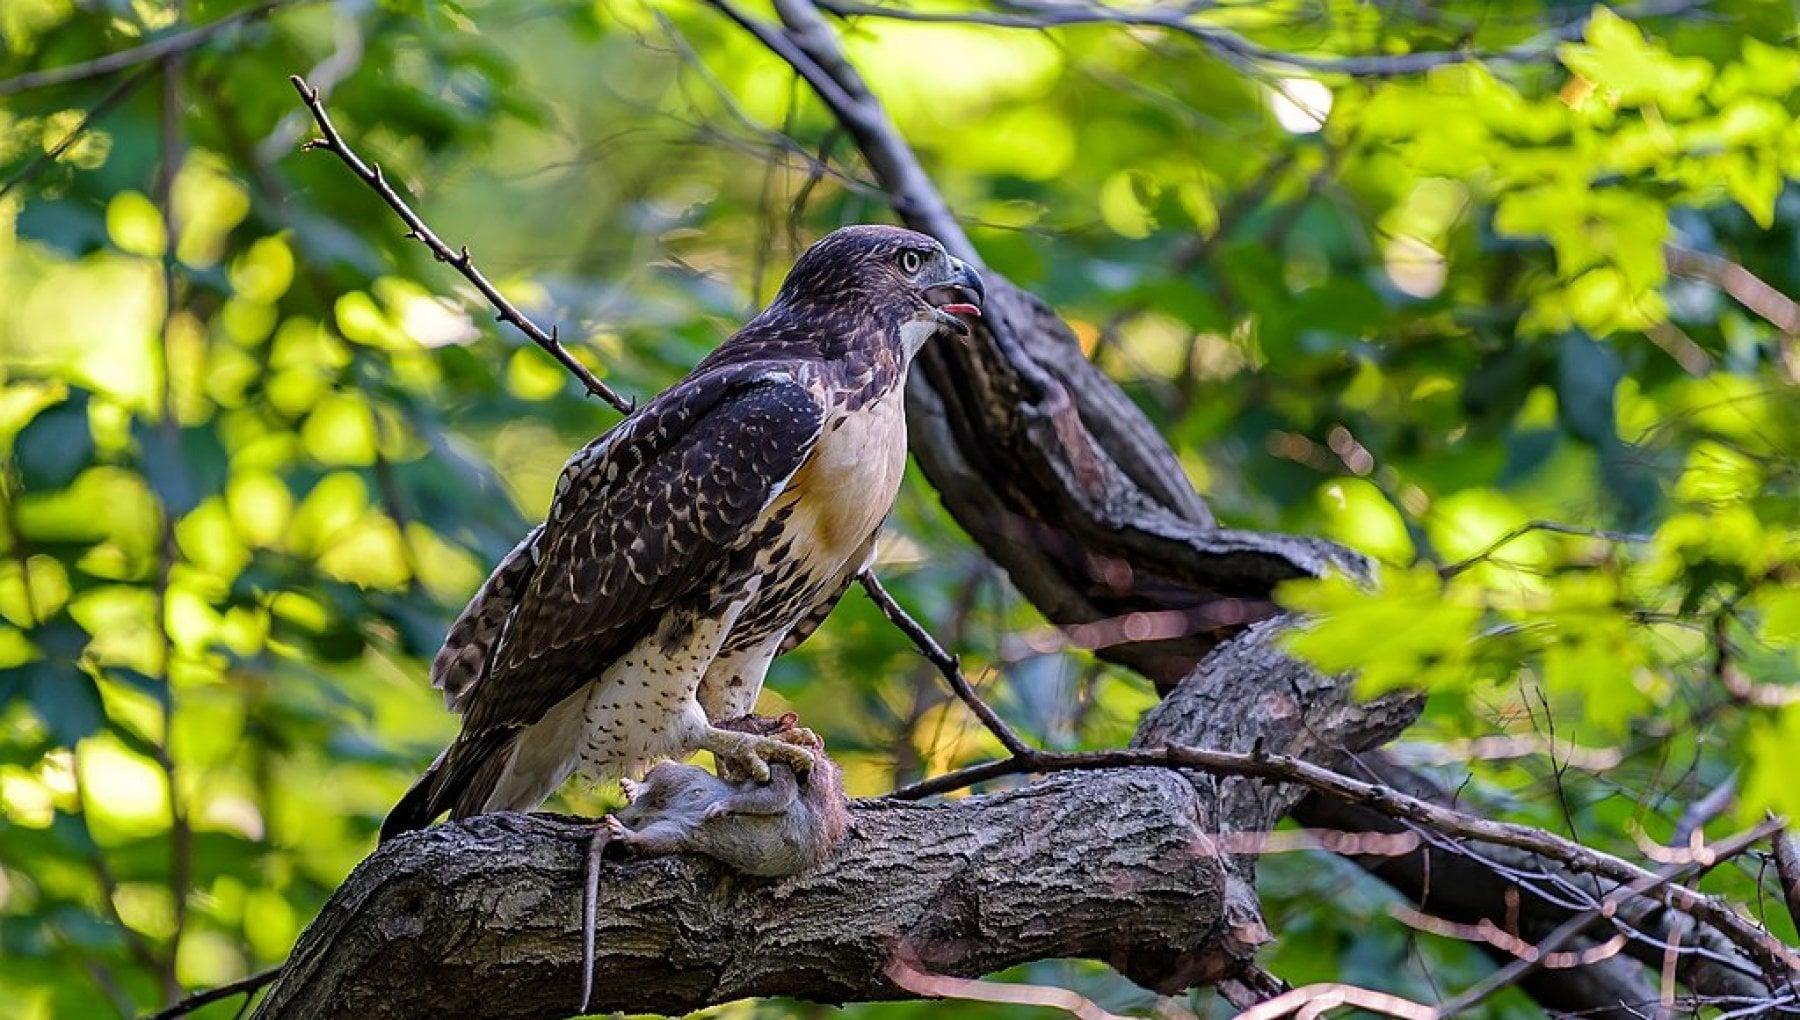 """175013463 5dc2b14f 8a14 4e46 a2f4 7133ecce30e0 - """"Birding Bob"""", il biologo che guida i newyorkesi alla scoperta delle 250 specie di uccelli di Central Park"""